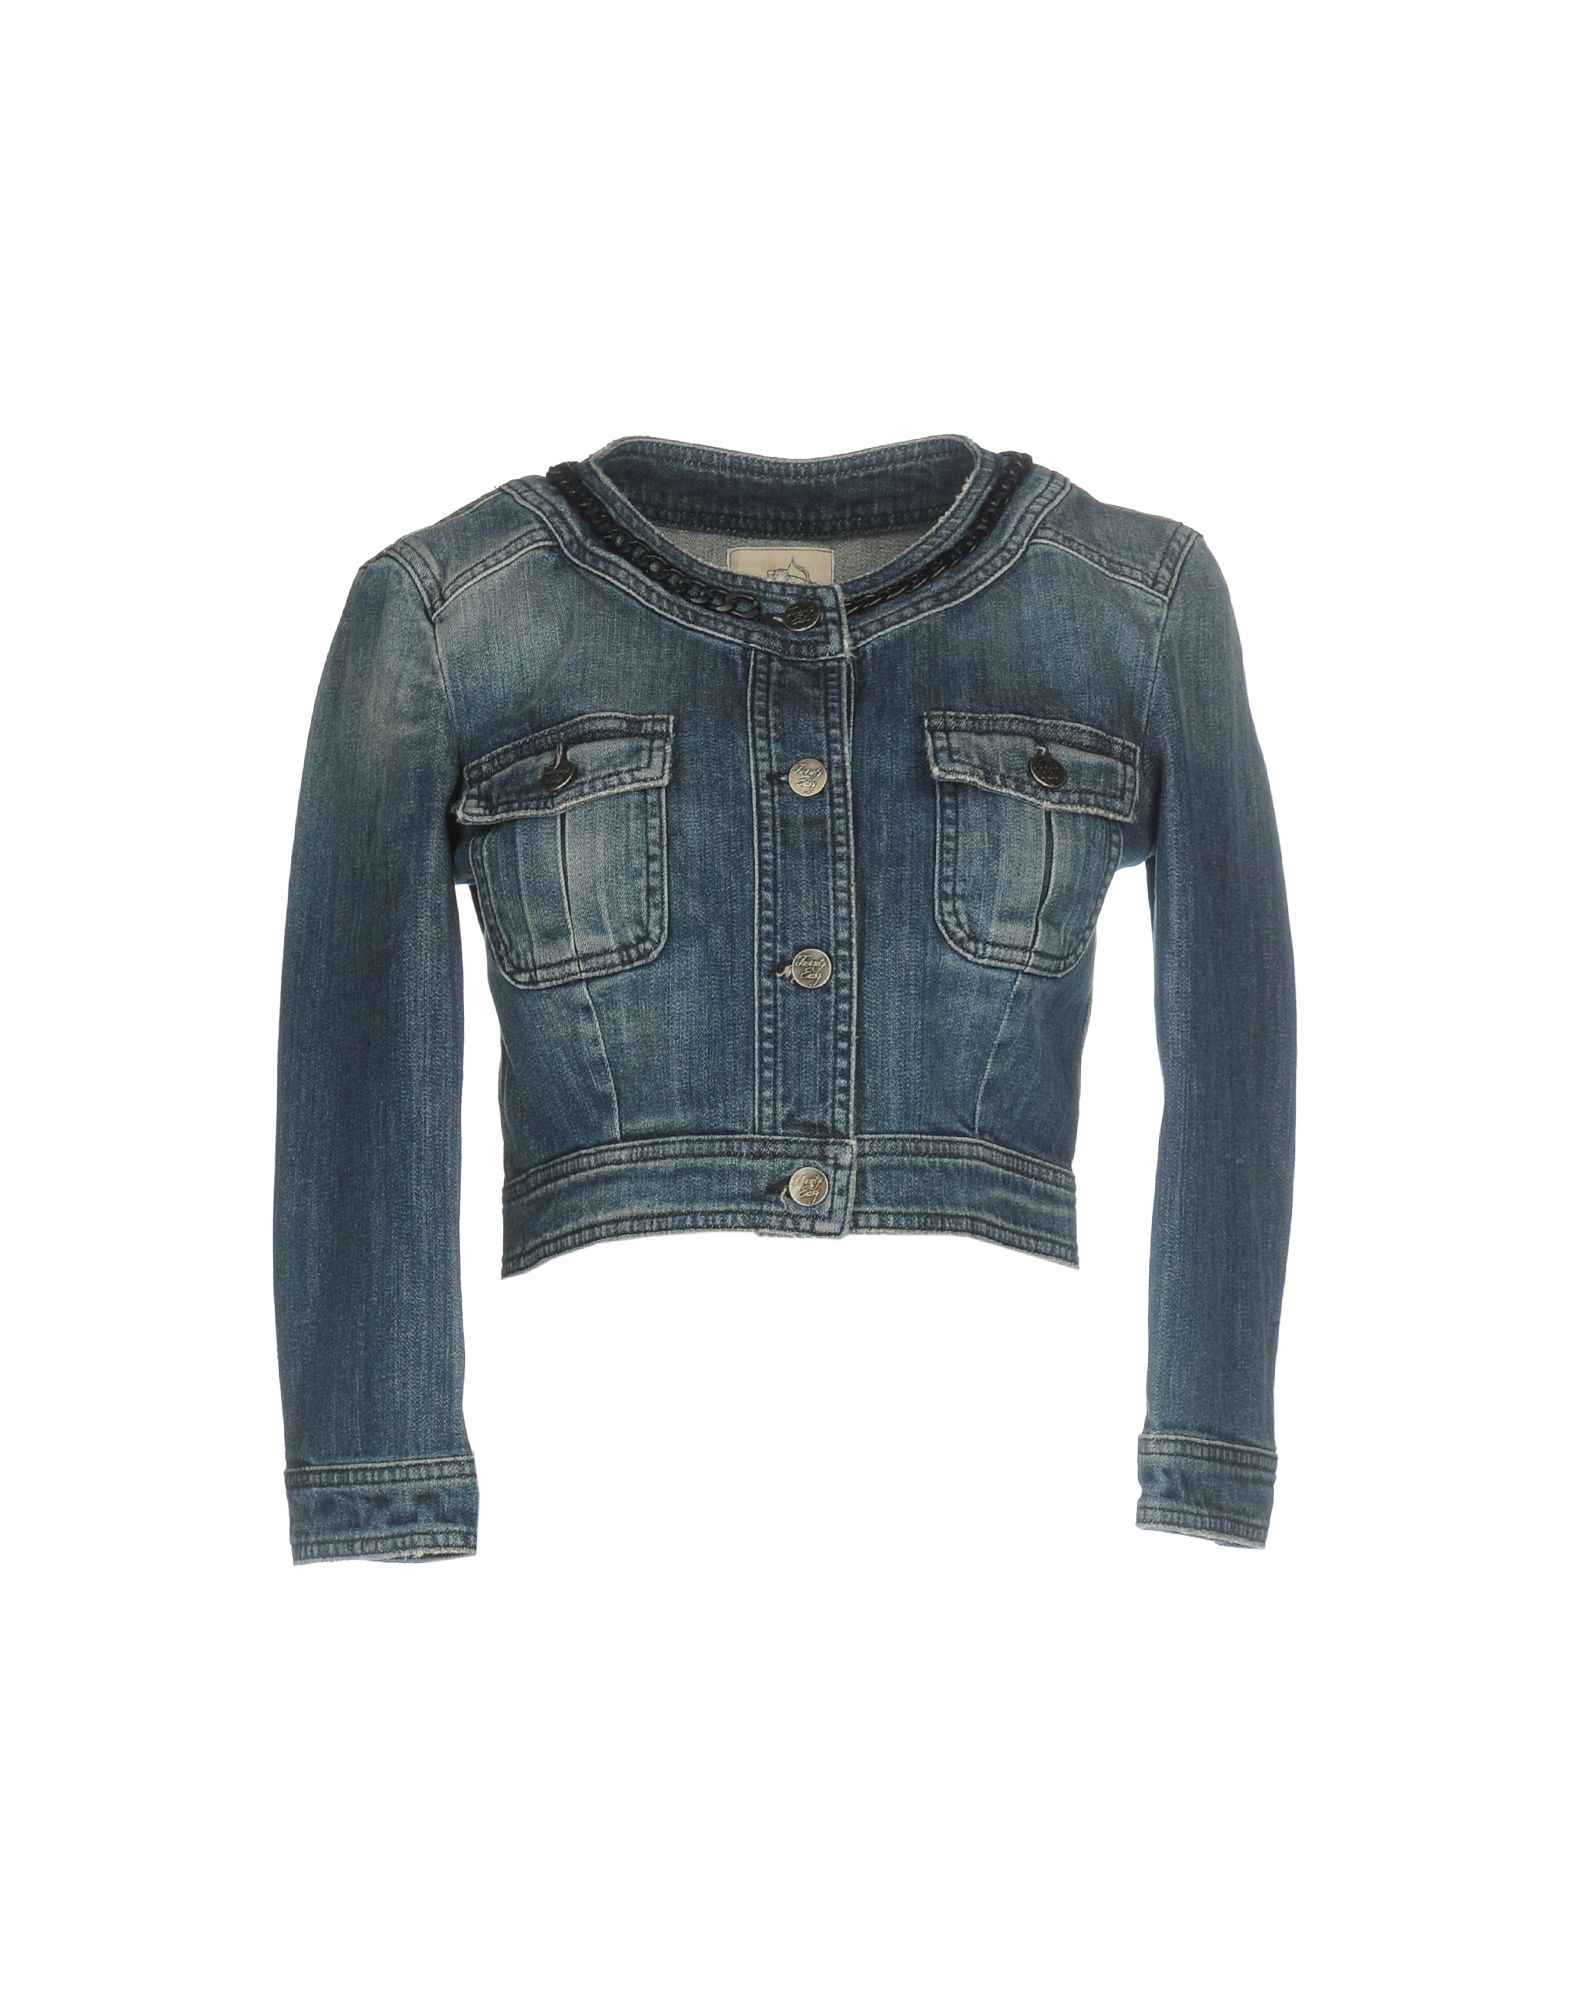 купить TWENTY EASY by KAOS Джинсовая верхняя одежда по цене 8250 рублей